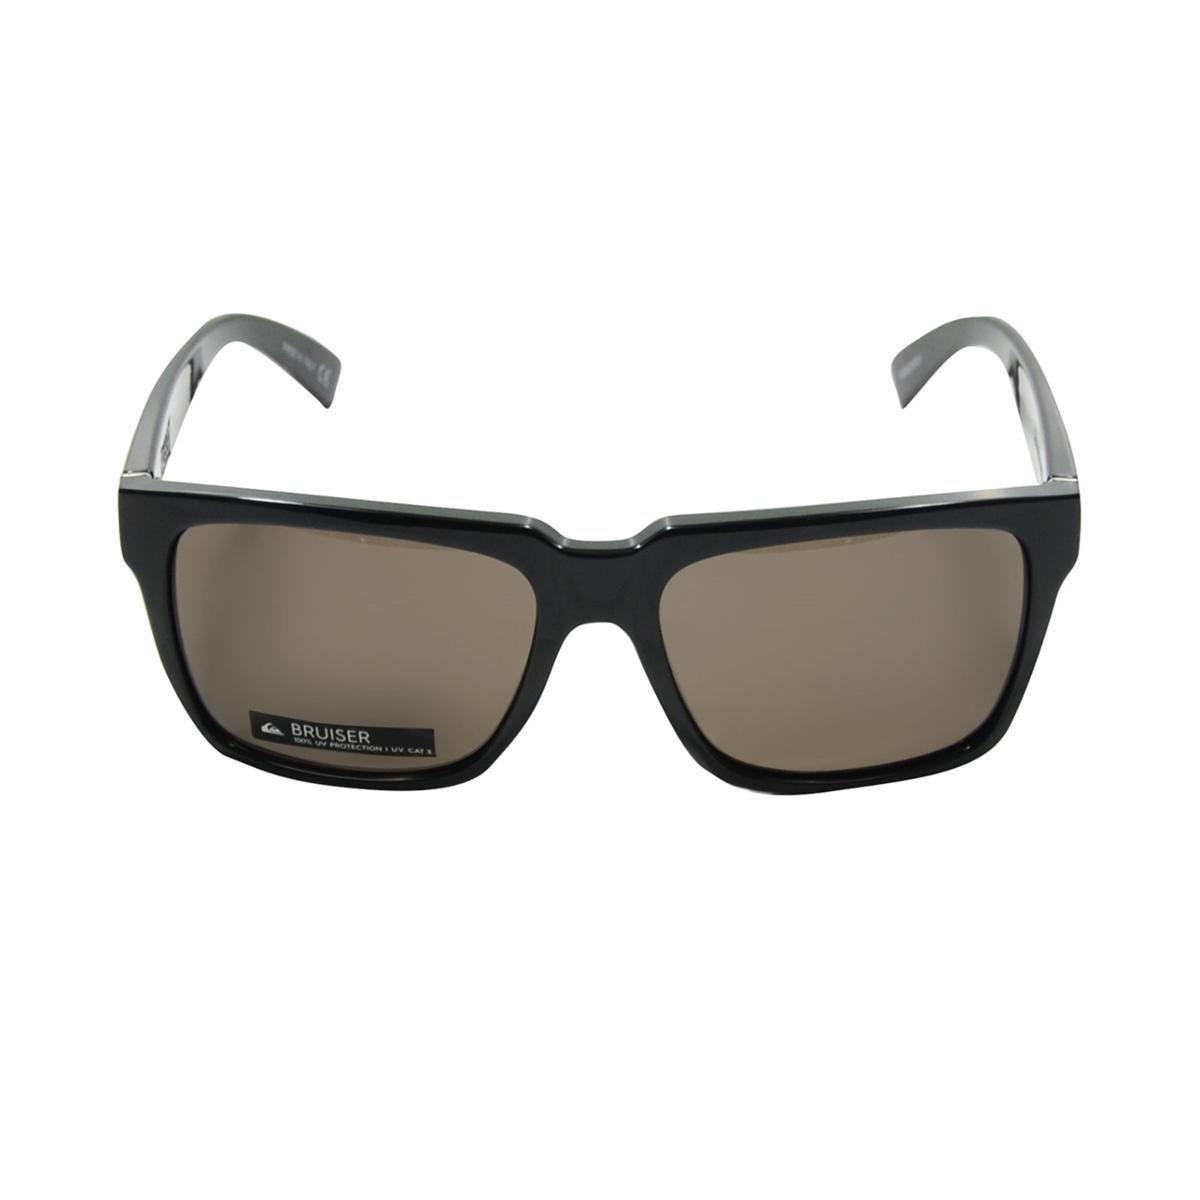 Óculos Quiksilver Bruiser - Preto e Cinza - Compre Agora   Netshoes 38996f54ab